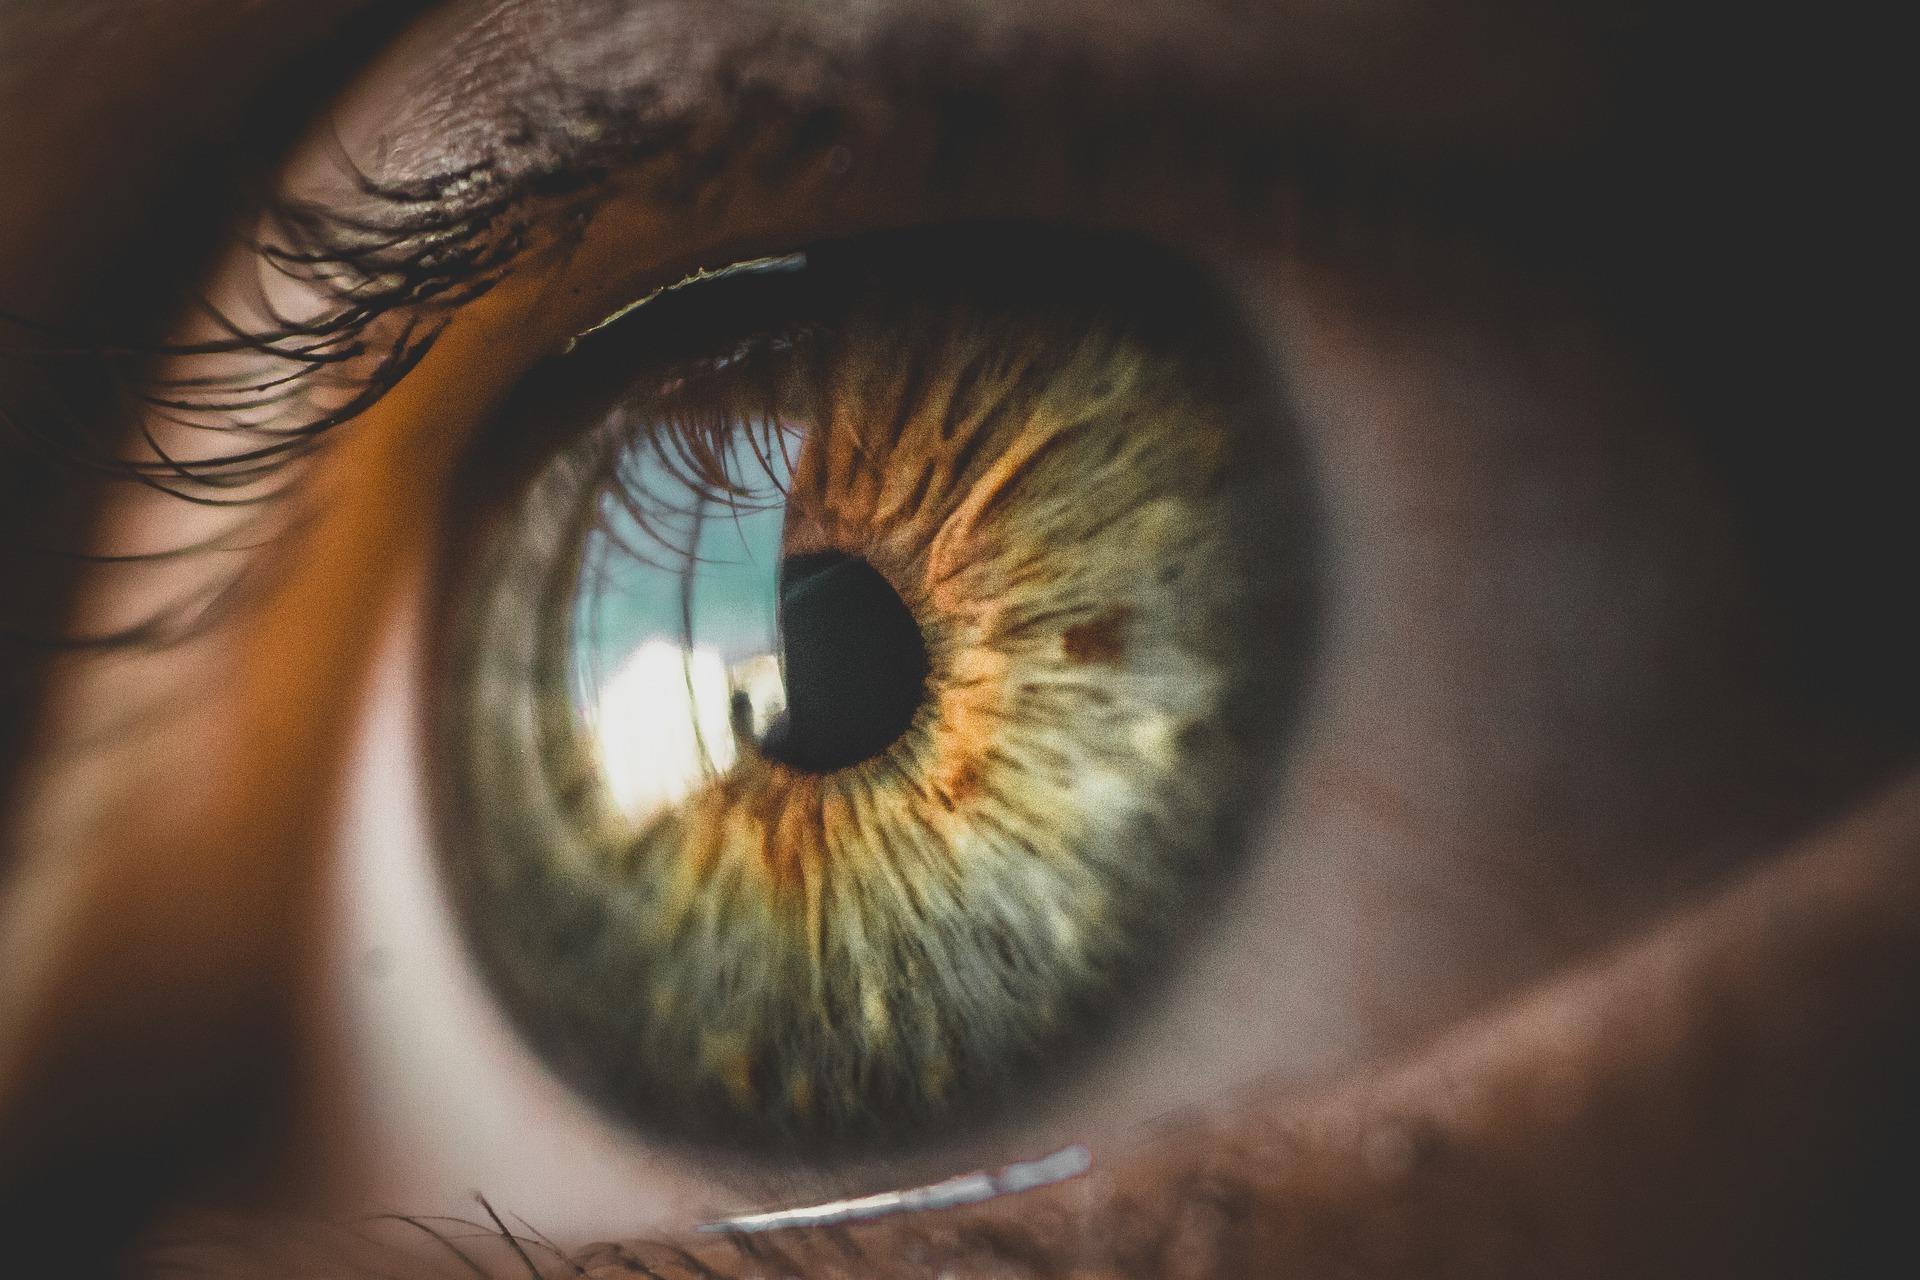 Lysas segített visszanyerni a látást